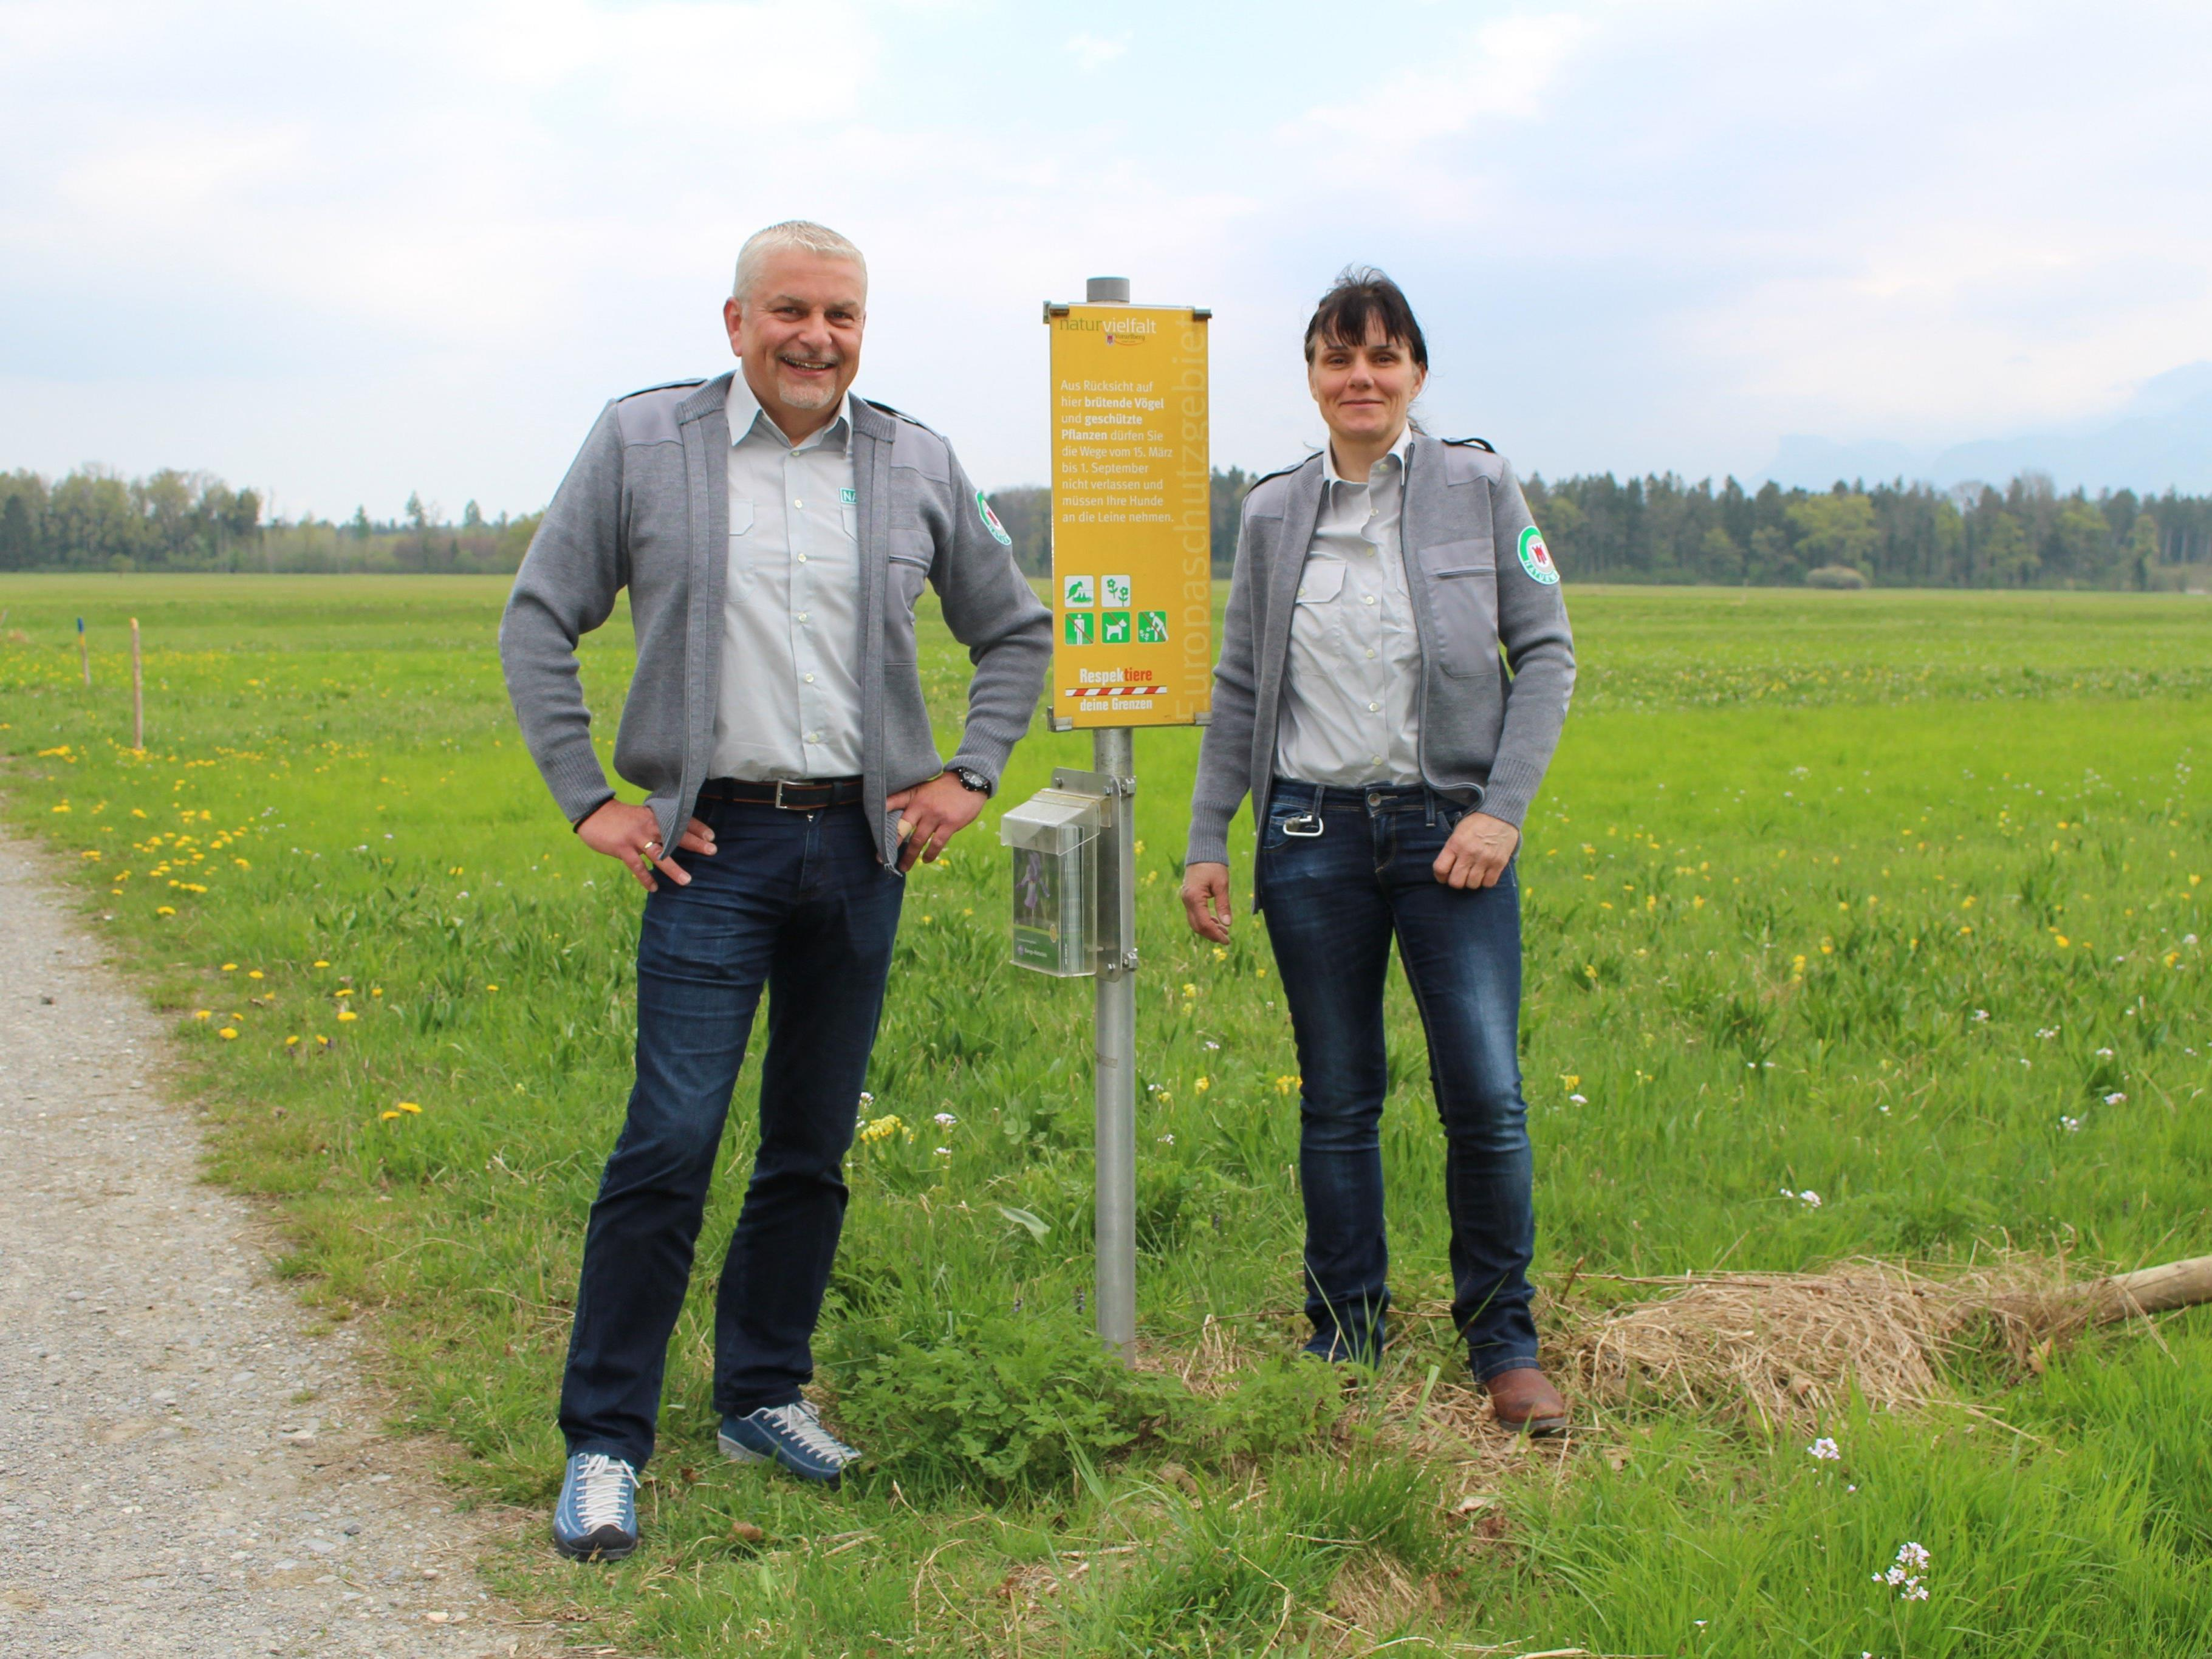 Naturwacht Feldkirch setzt auf Aufklärung über die Naturvielfalt im Schutzgebiet und Kontrollgänge.